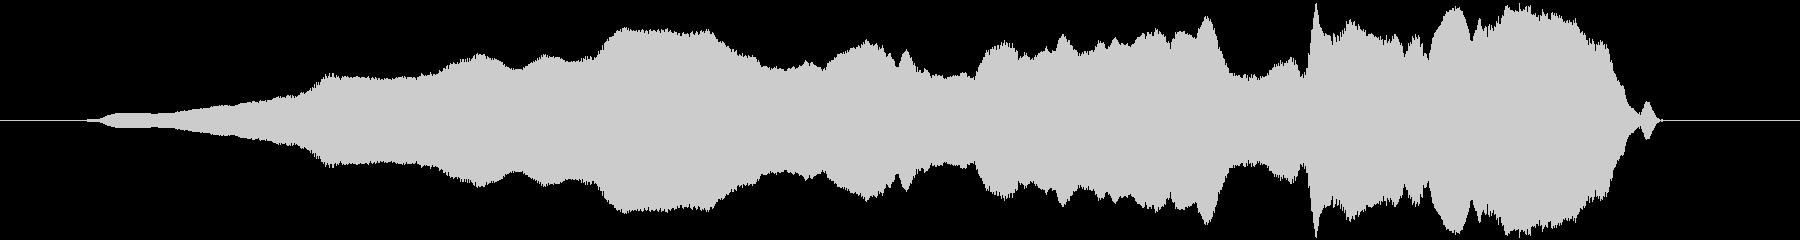 ピィウィッ(高い オノマトペ)の未再生の波形